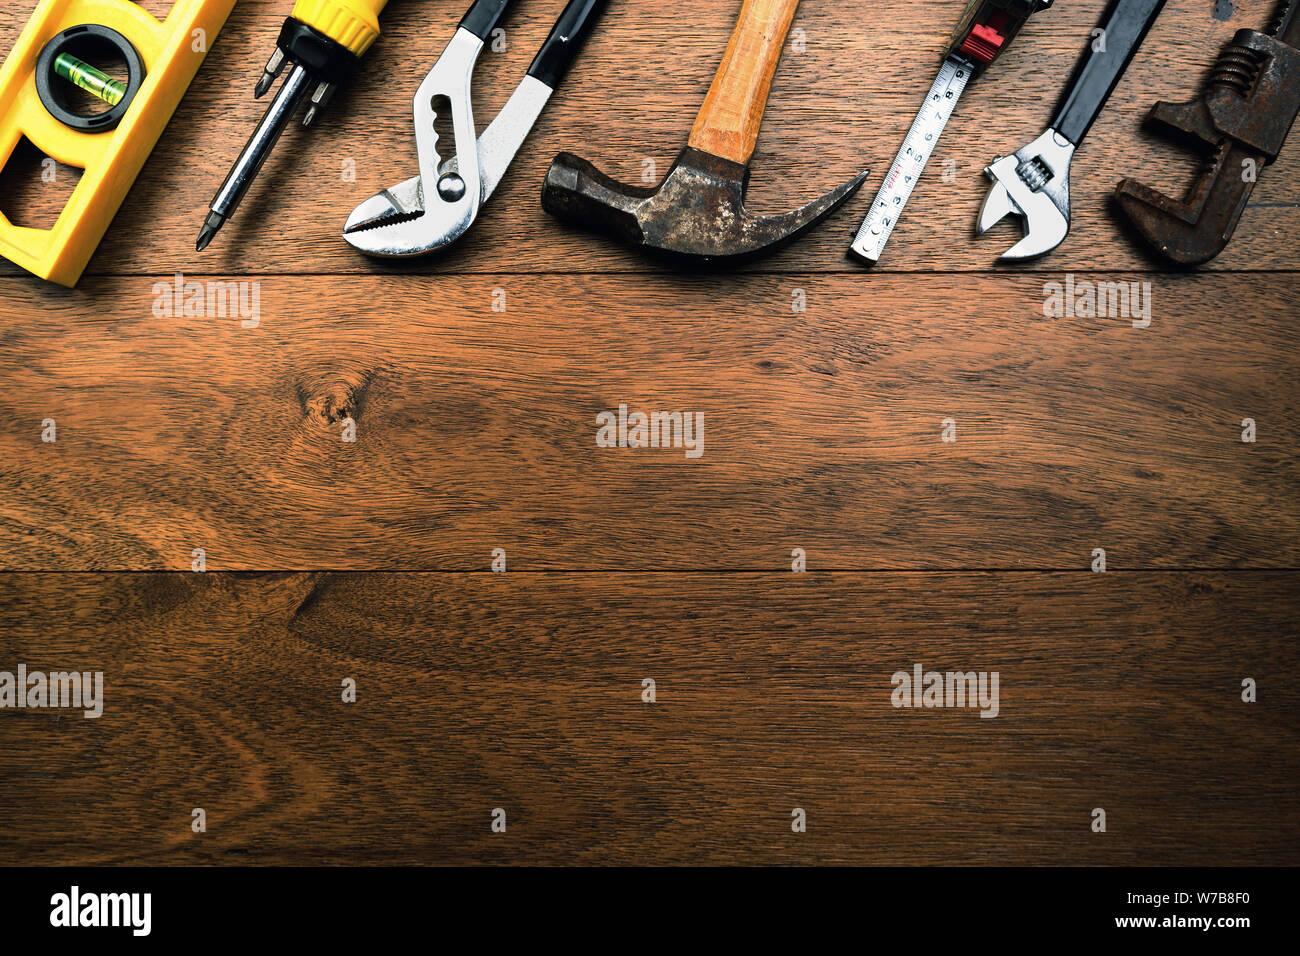 Grunge rusty Handwerker Werkzeuge wie Wasser, Zangen, Schraubendreher, Hammer und Maßband auf Holzbohlen mit Raum für Schreiben Stockfoto